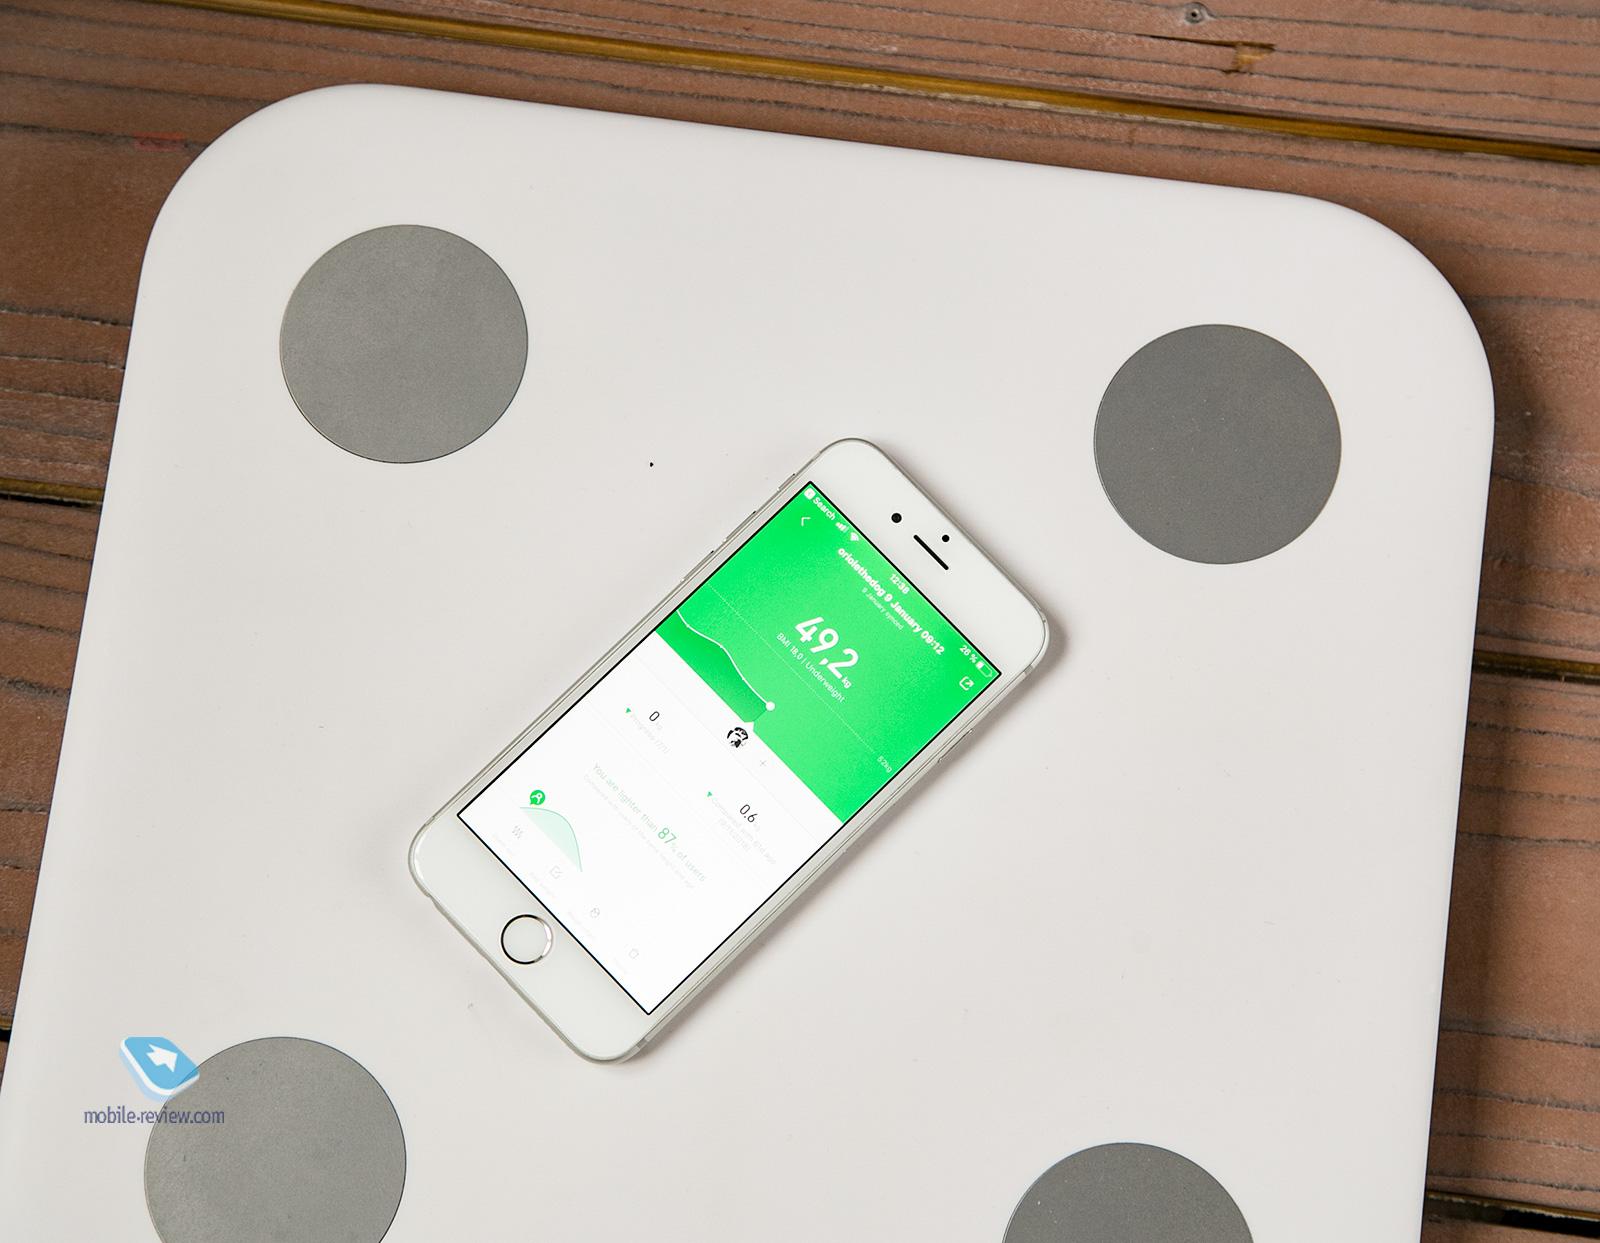 Новогодний гид покупателя. Подарки до 6 000 рублей Xiaomi, стоит, модель, чайник, любой, просто, такие, очень, только, модели, почти, через, можно, подарком, рублей, чайники, такой, сразу, новые, обычный